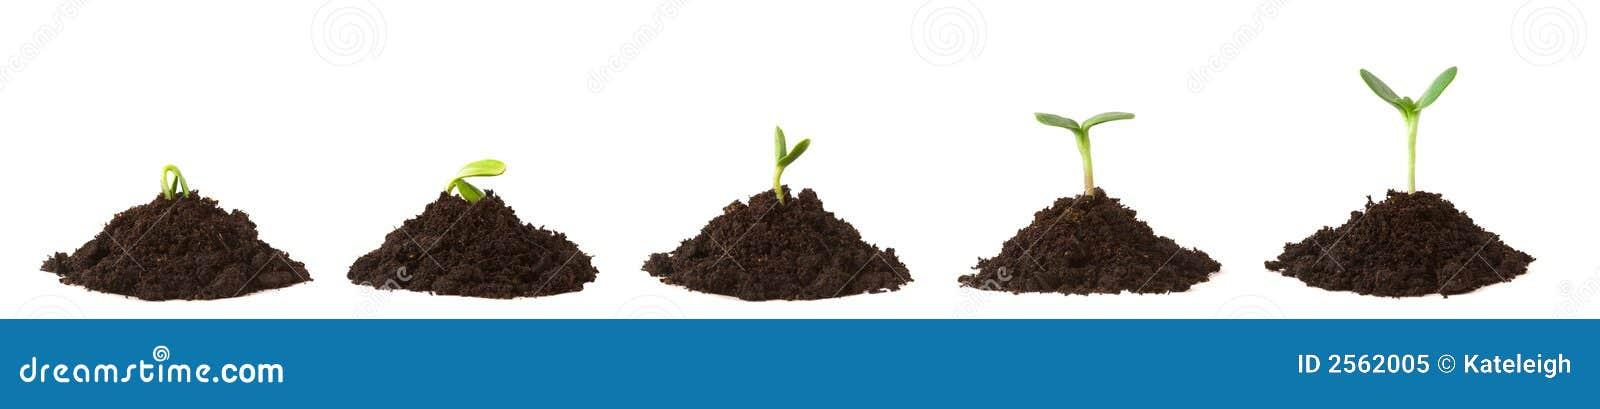 грязь складывает последовательность завода